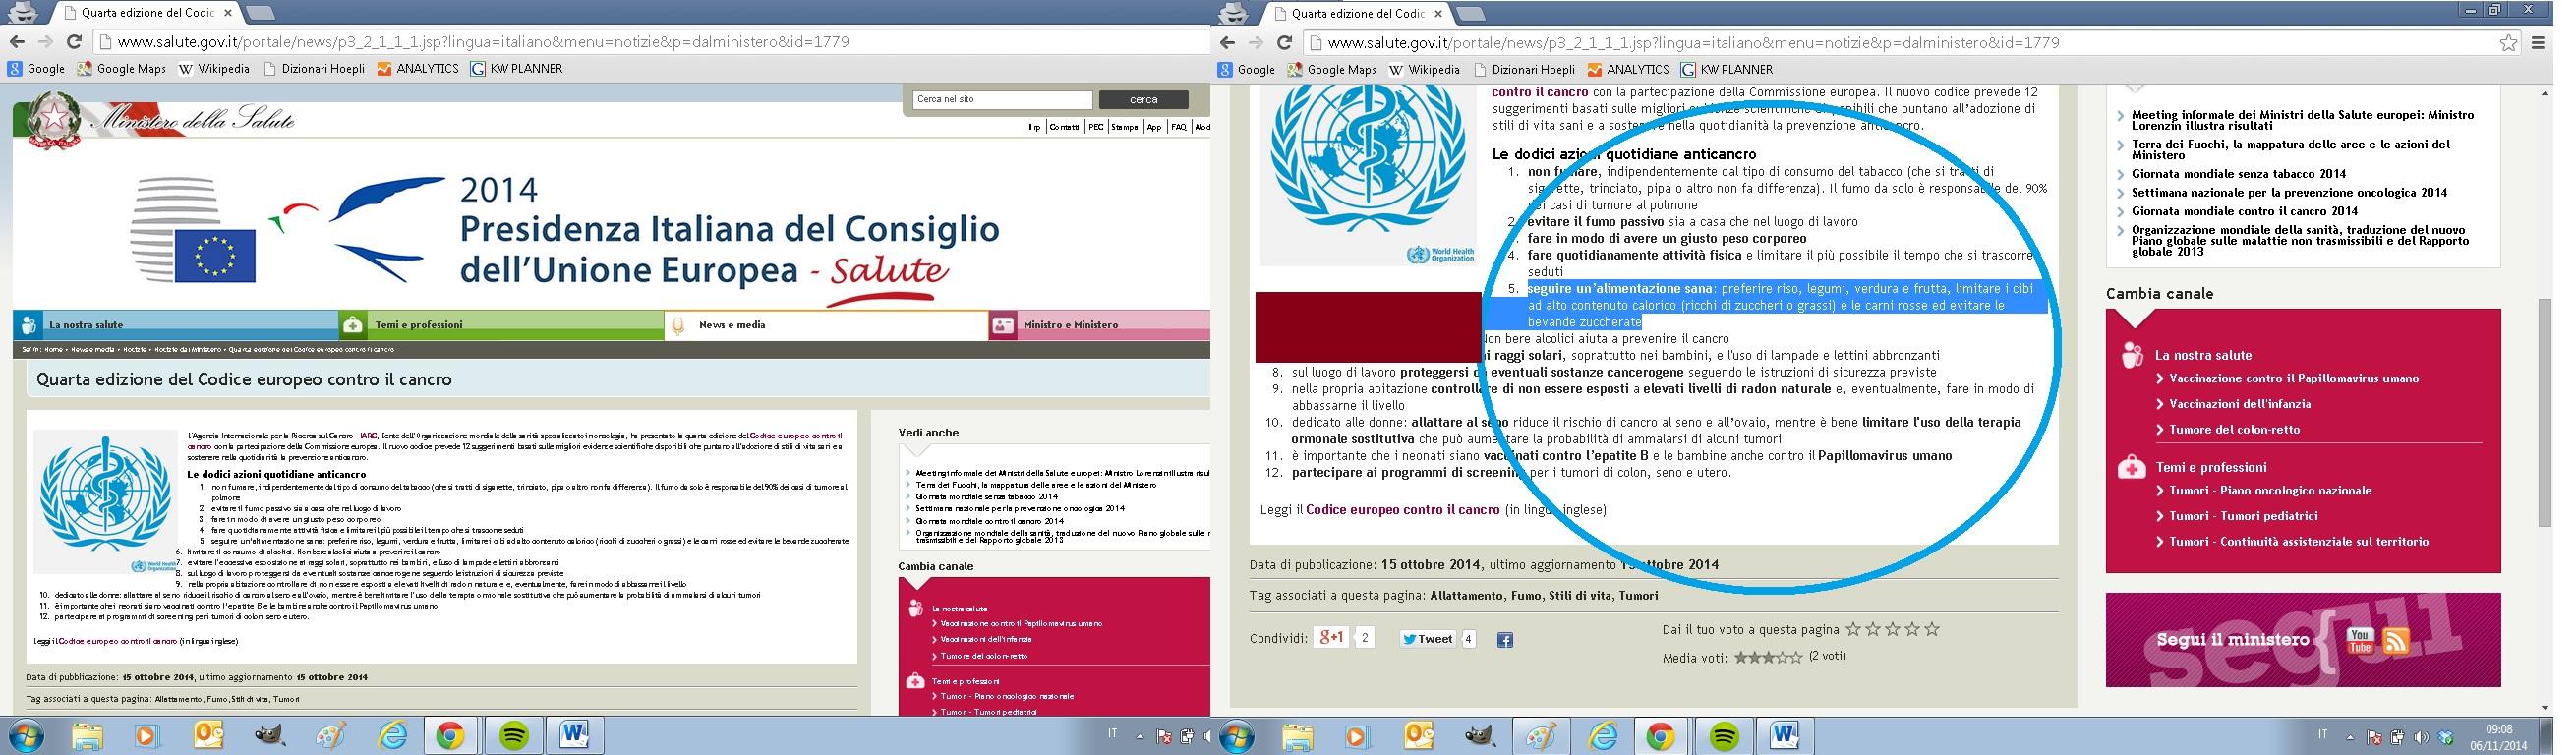 Codice europeo anticancro tradotto dal ministero italiano della Salute